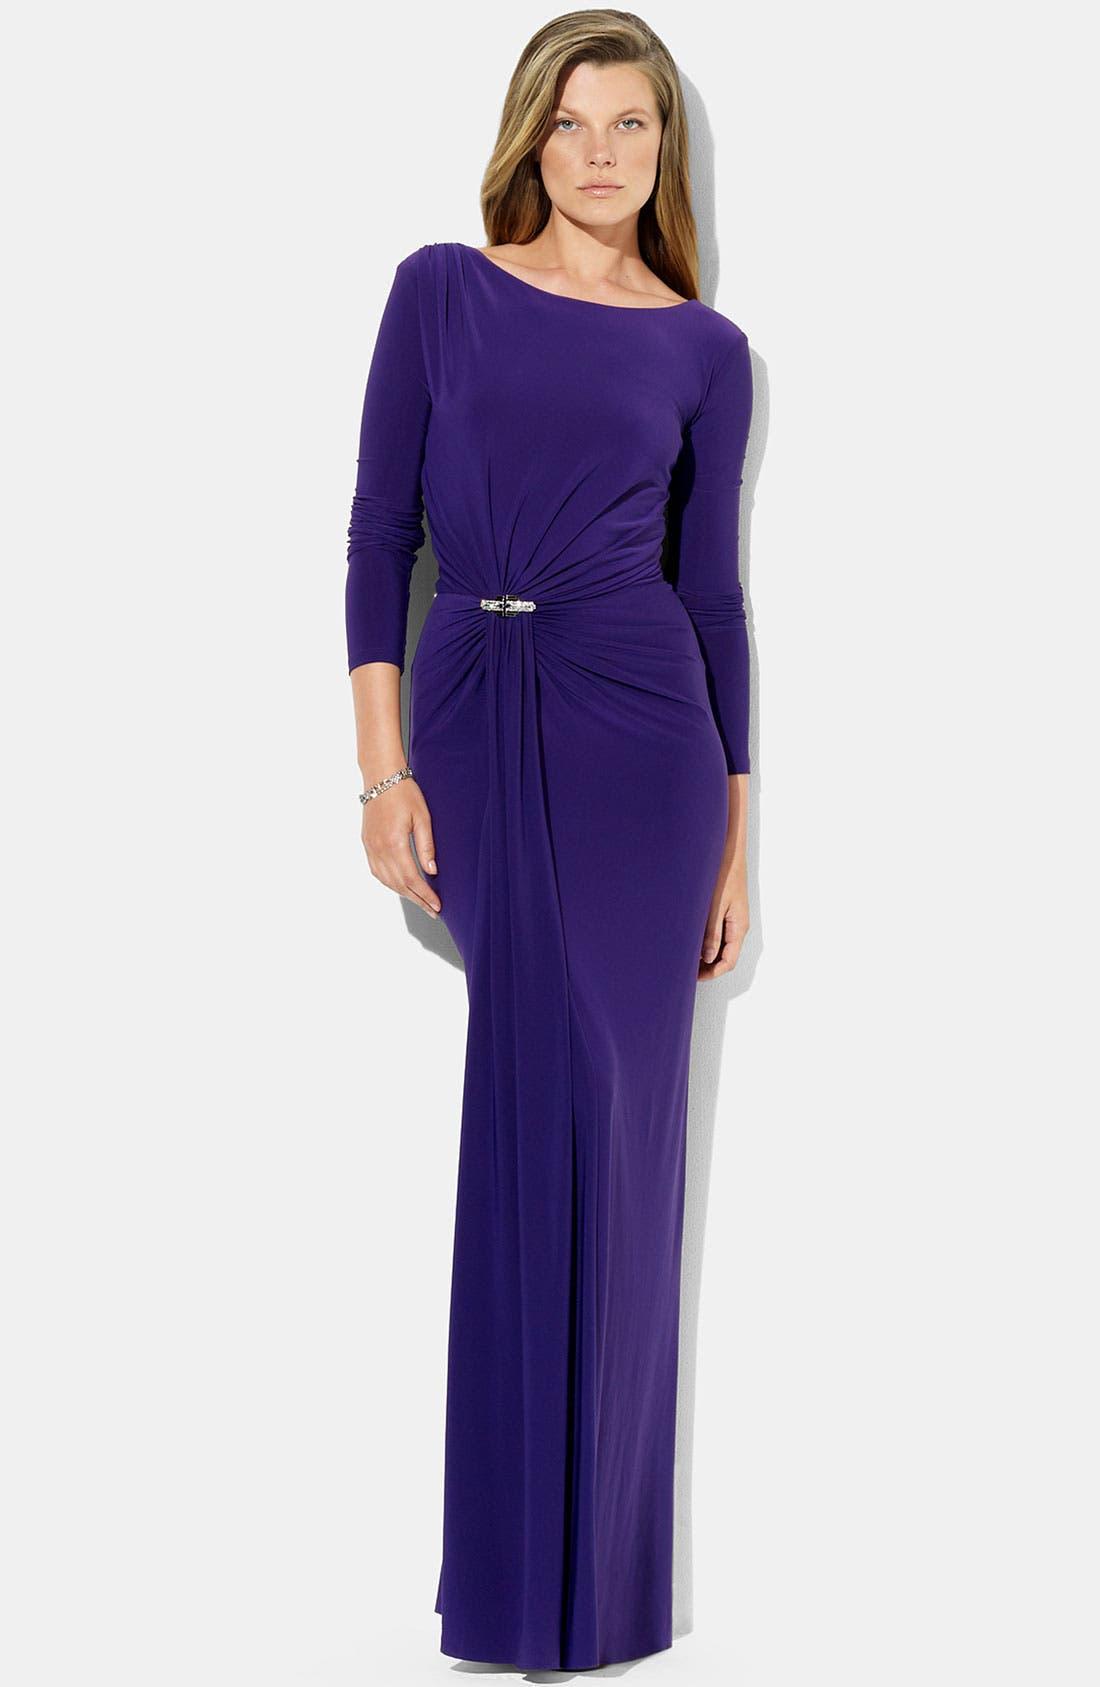 Alternate Image 1 Selected - Lauren Ralph Lauren Low Back Jersey Gown